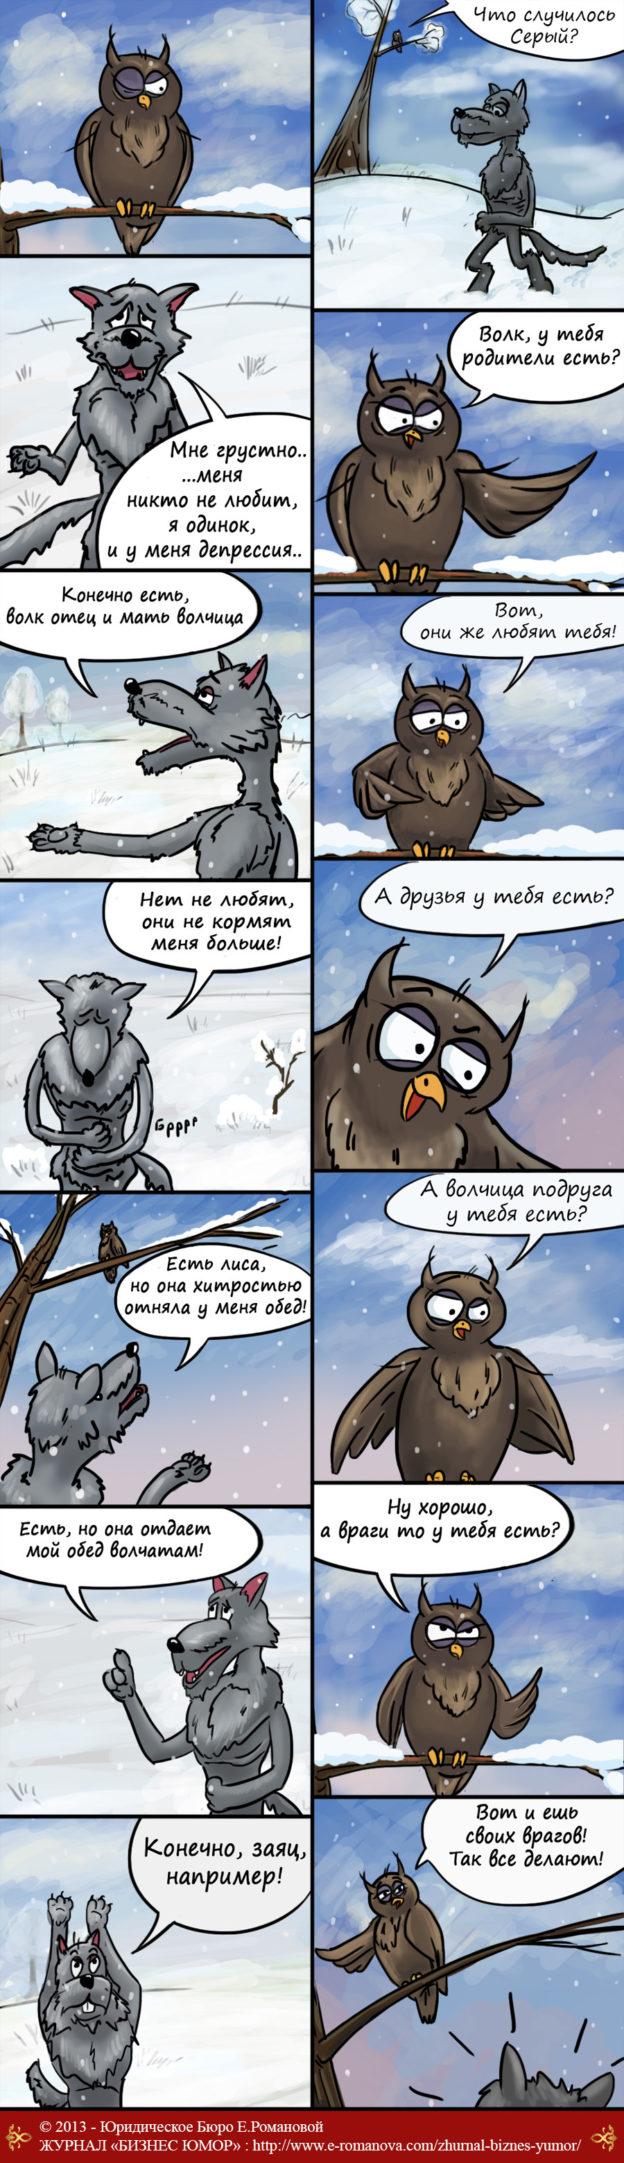 сова психолог - комикс про сову - бизнес юмор